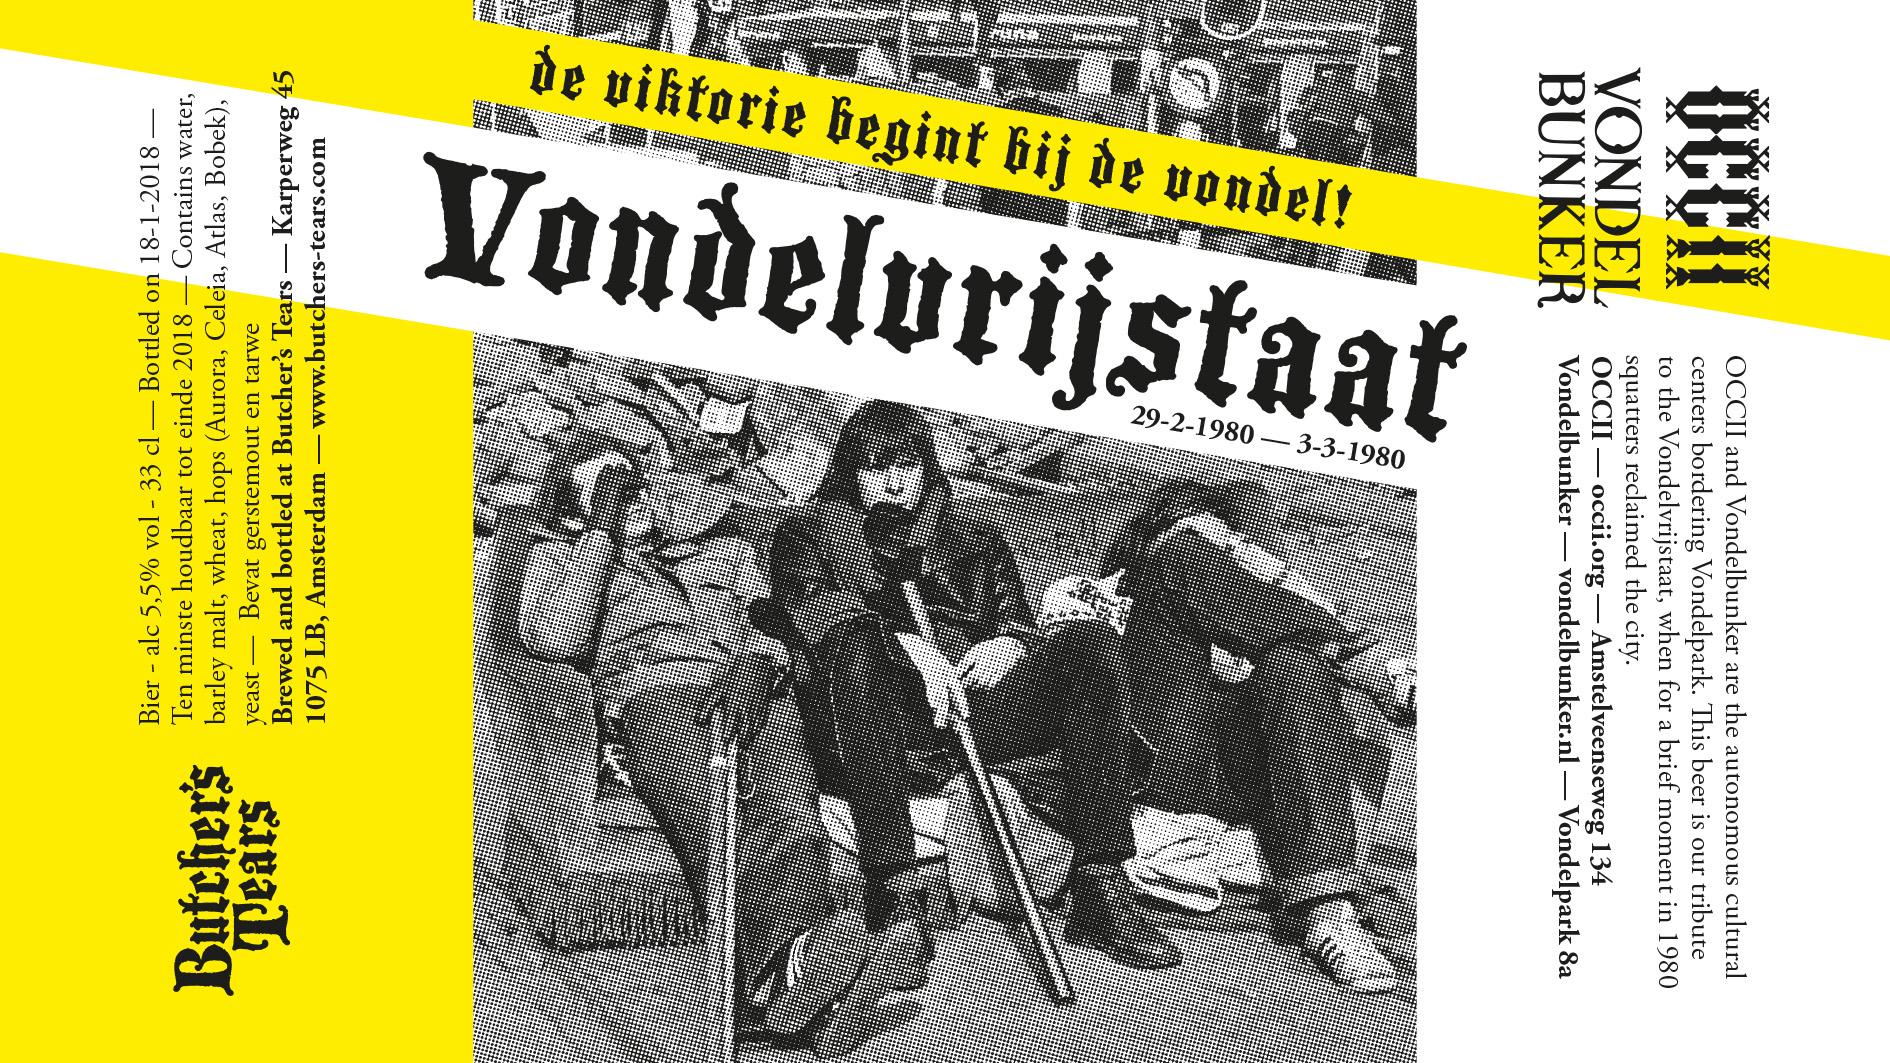 """Butcher's Tears present: """"Vondelvrijstaat"""" - De Viktorie Begint Bij de Vondel!"""